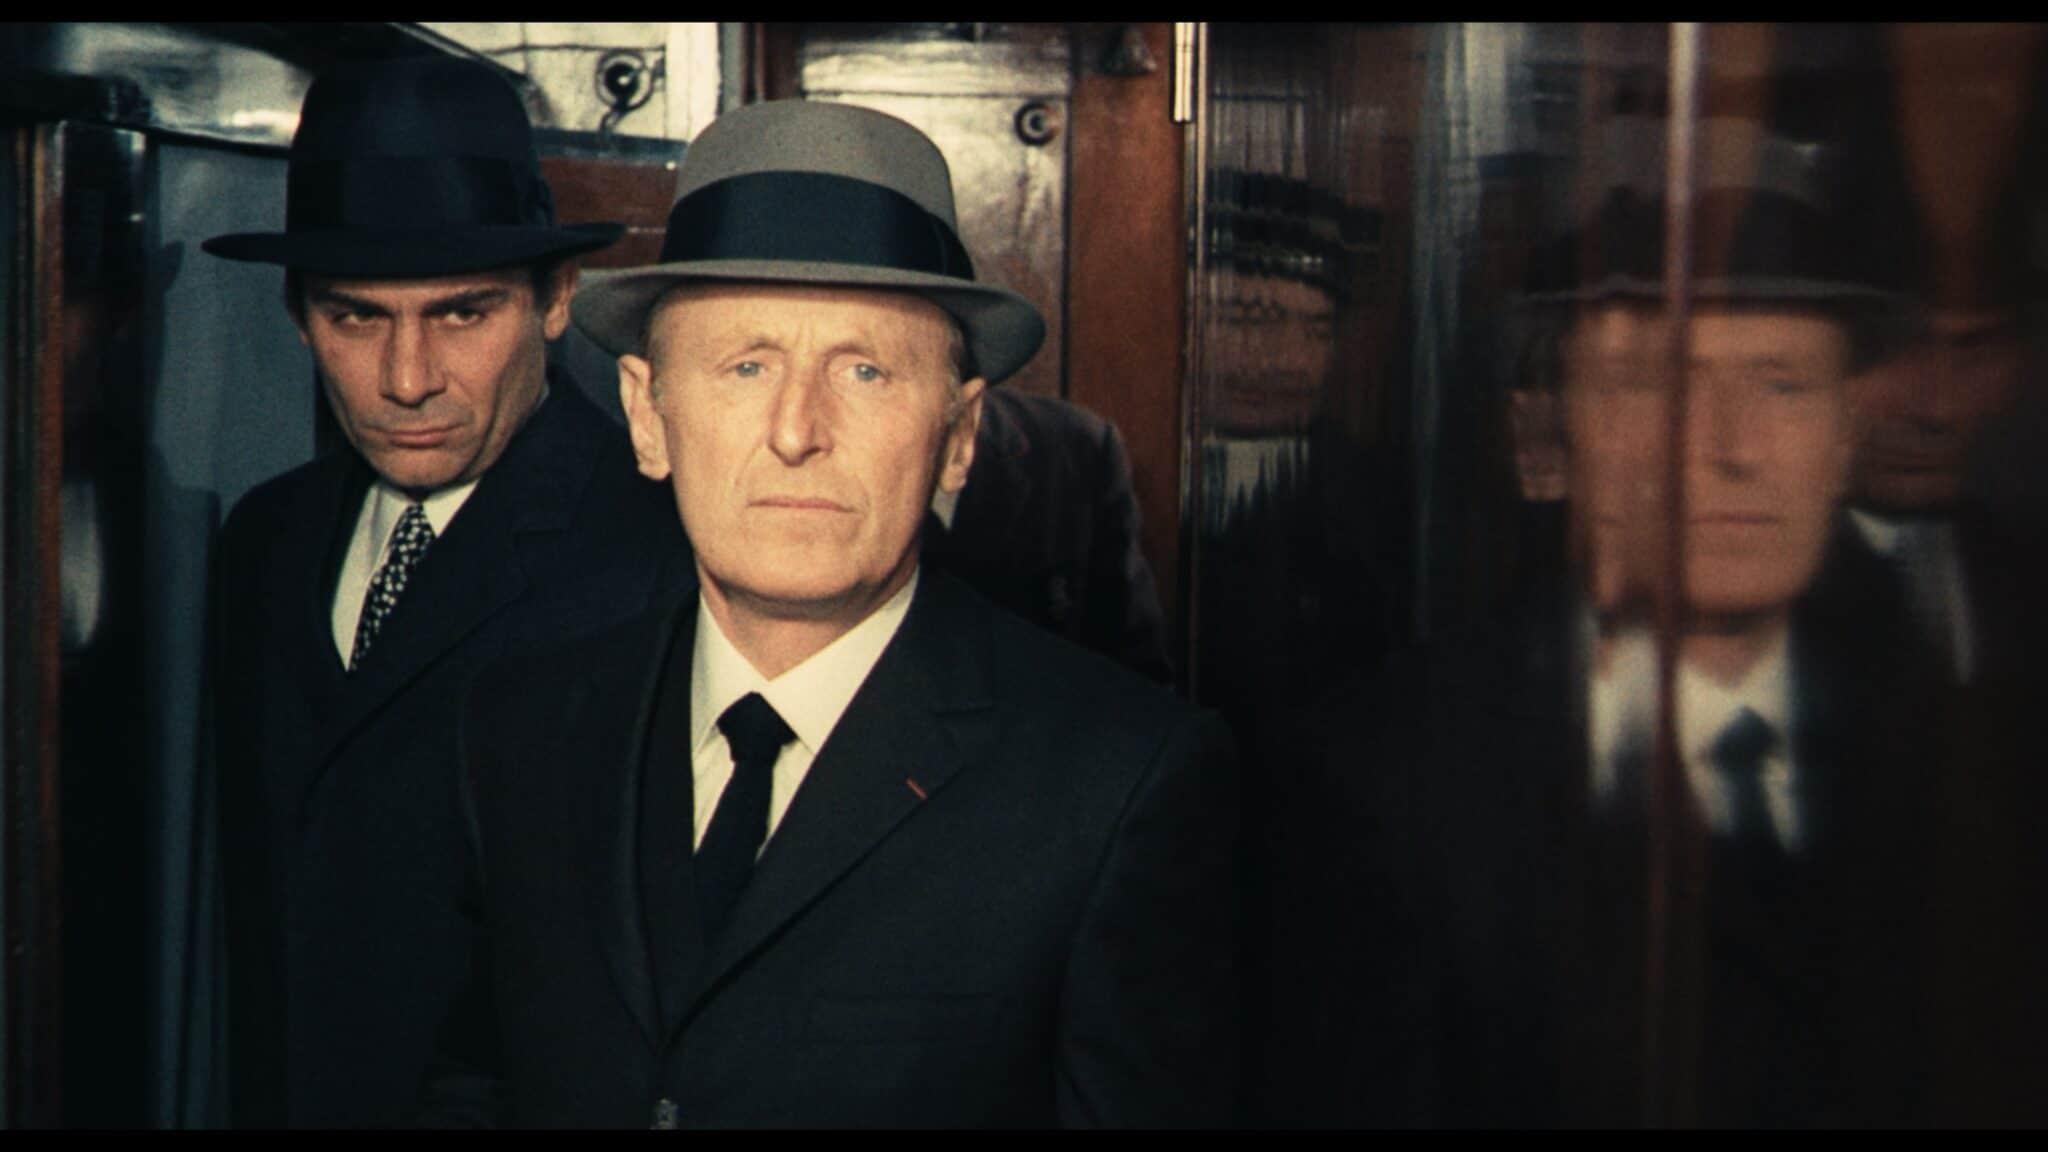 """Mattei (André Bourvil) führt Vogel (Gian Maria Volonté) in """"Vier im roten Kreis"""" durch den Gang des Zuges. Beide tragen schwarze Anzüge mit Mänteln und einen Hut."""